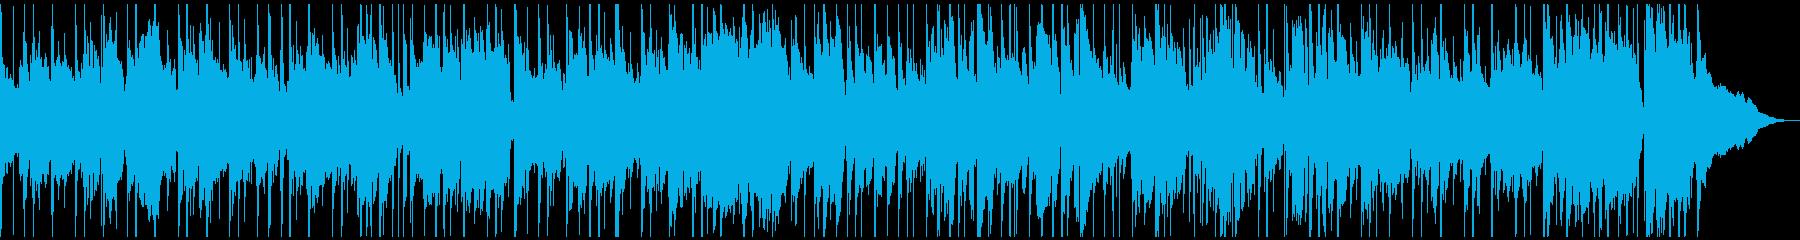 生演奏・渋い大人の雰囲気のスムースジャズの再生済みの波形